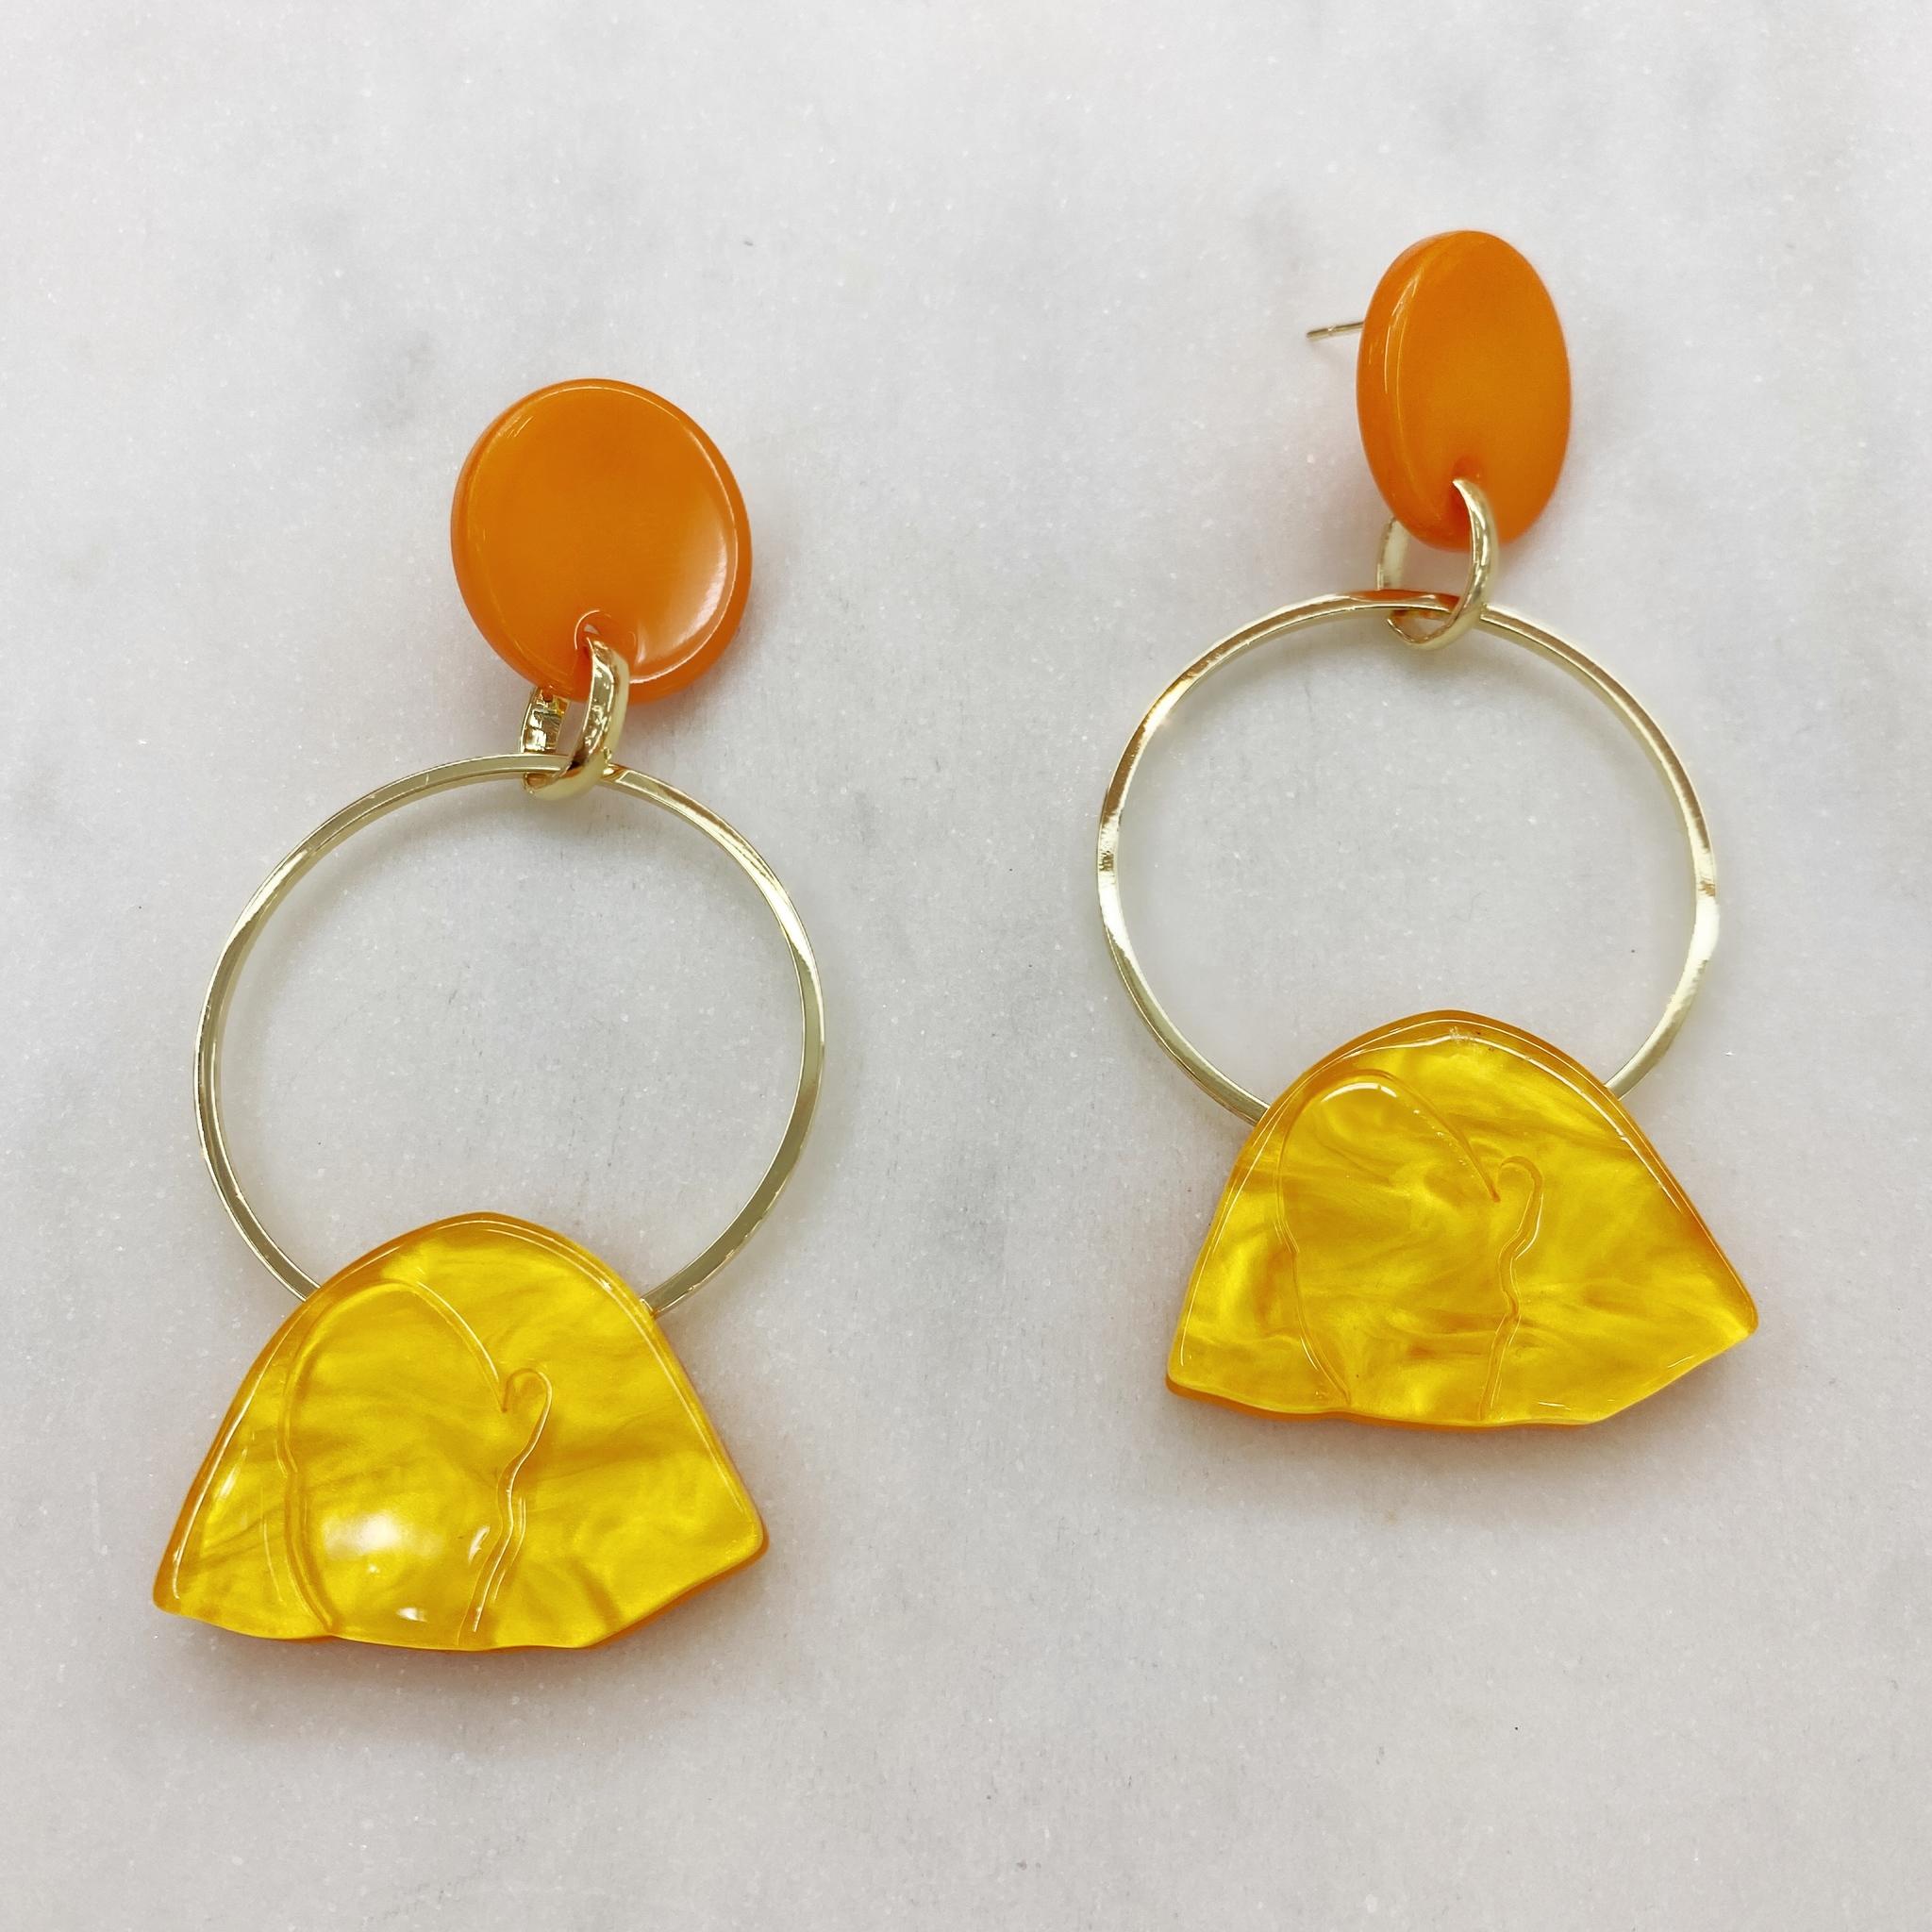 Серьги с подвесными кольцами, акрил (желтый, оранжевый)